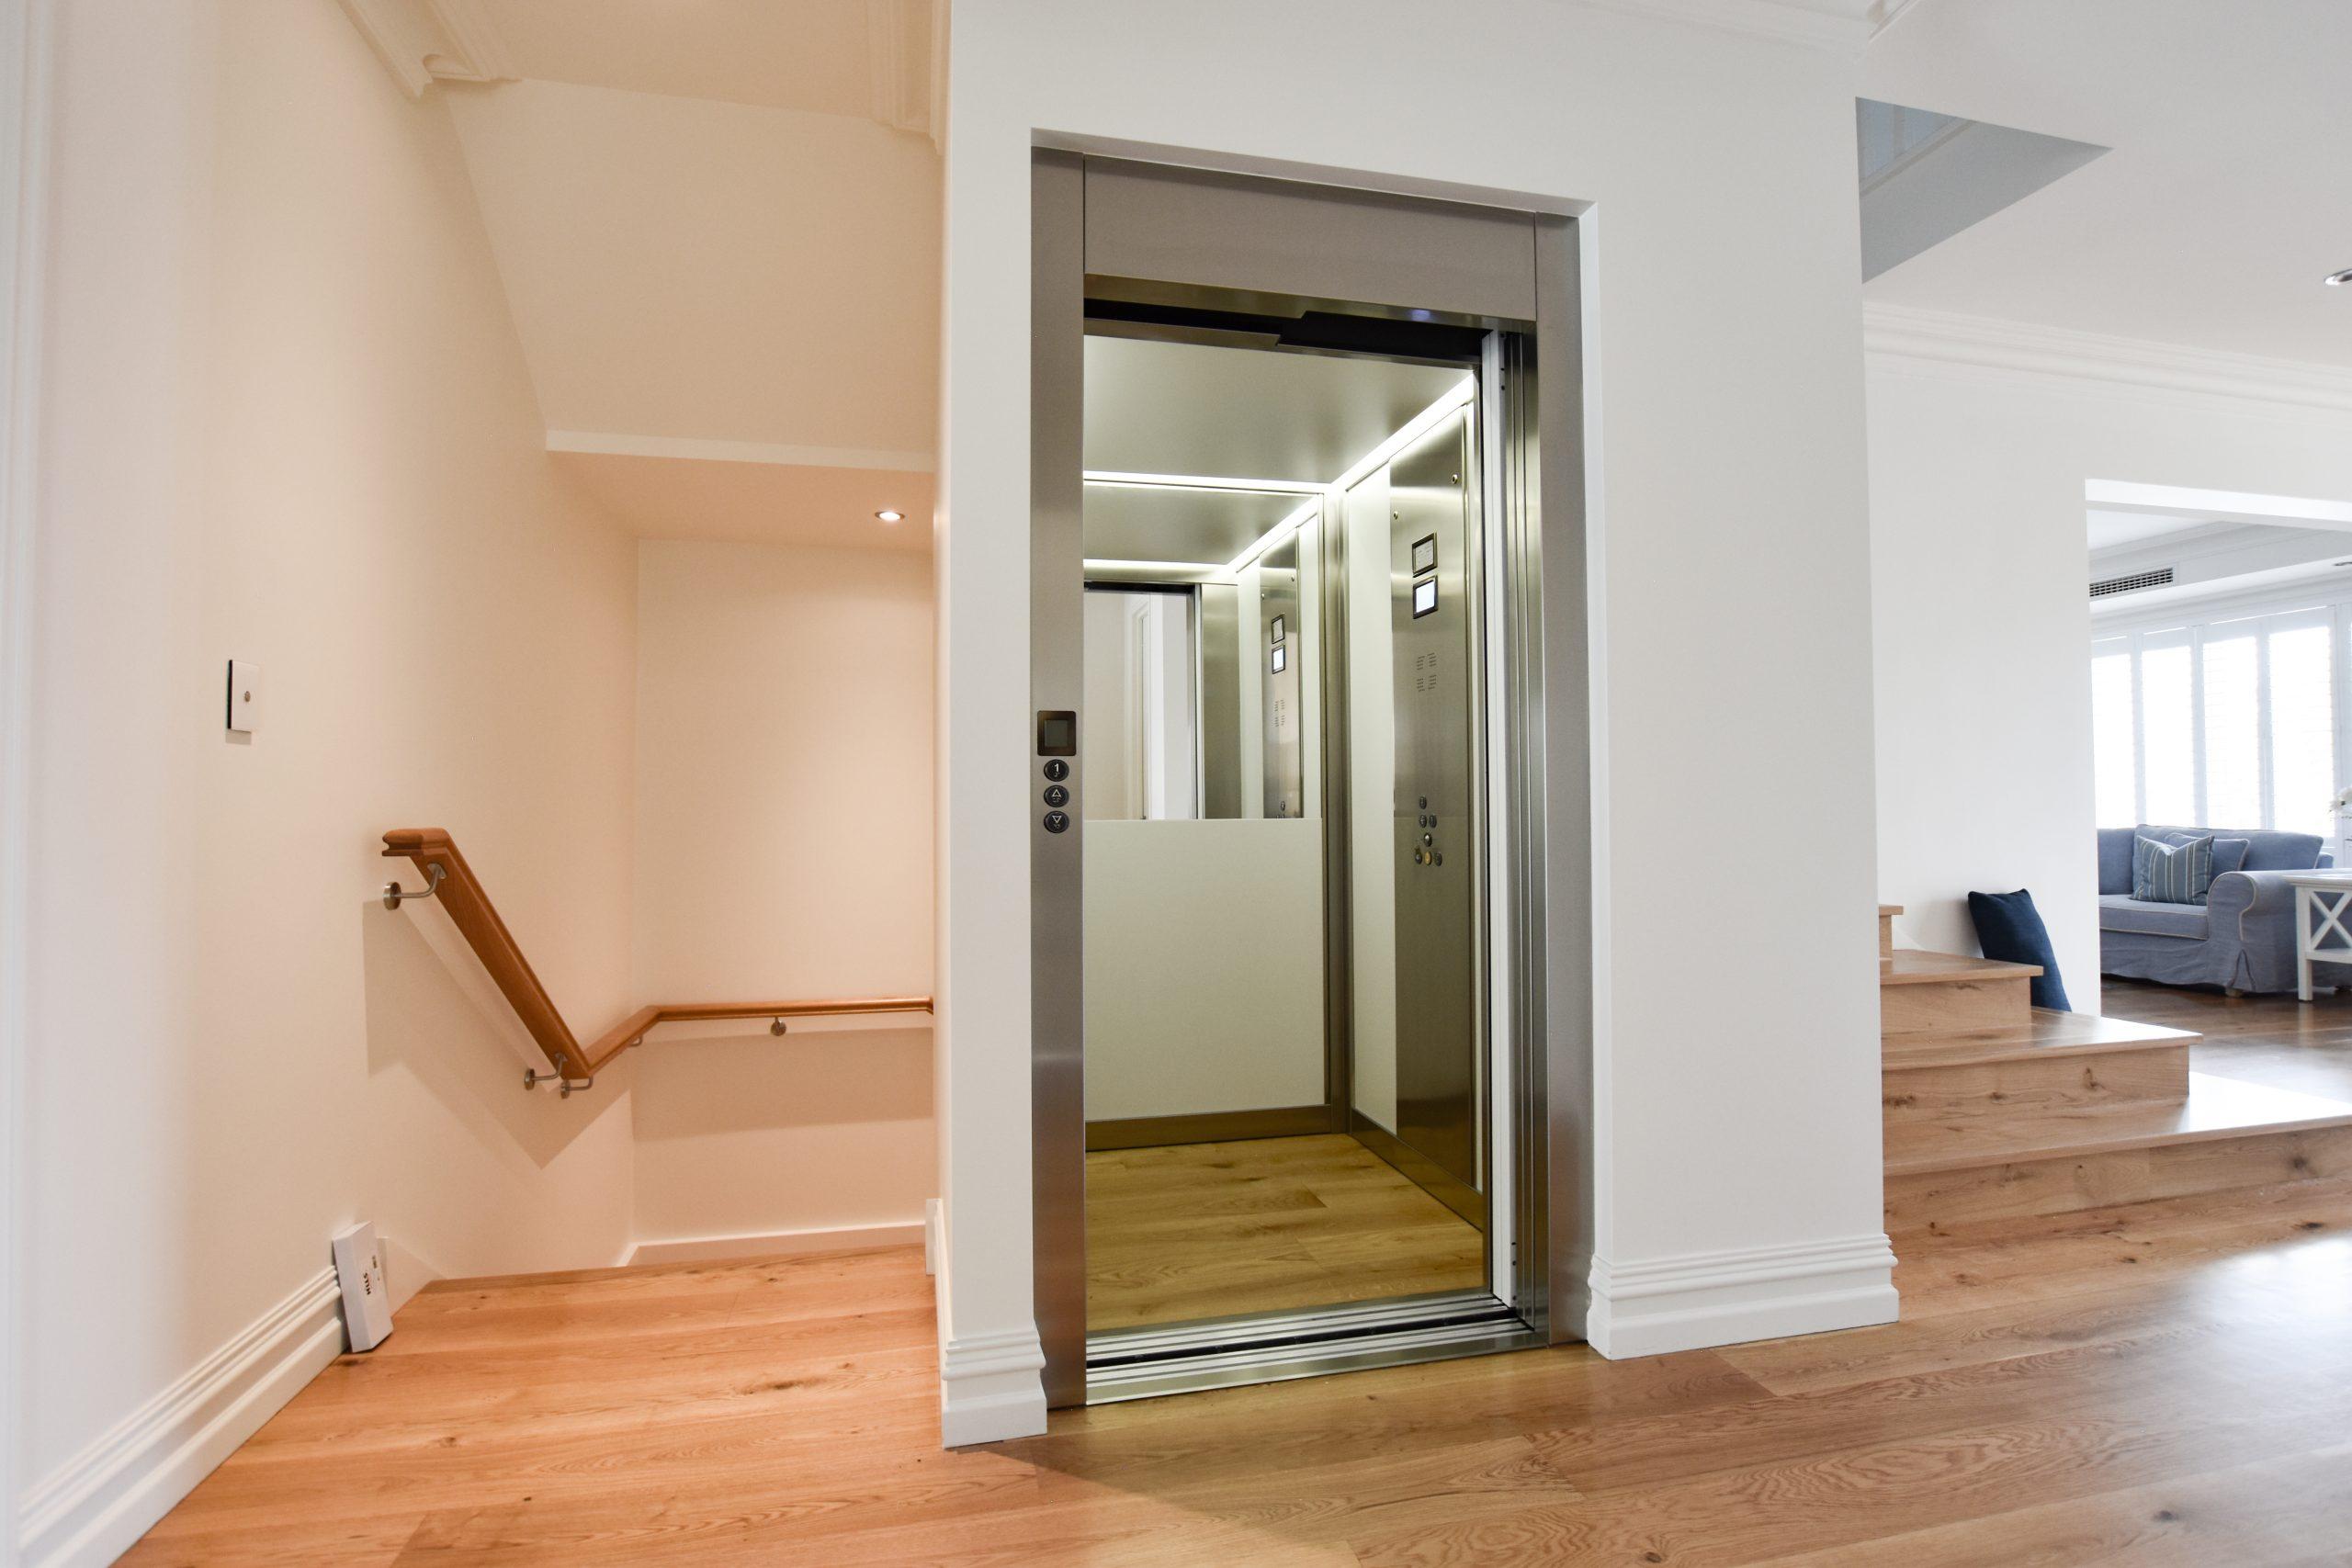 perth home lift retrofits - west coast elevators